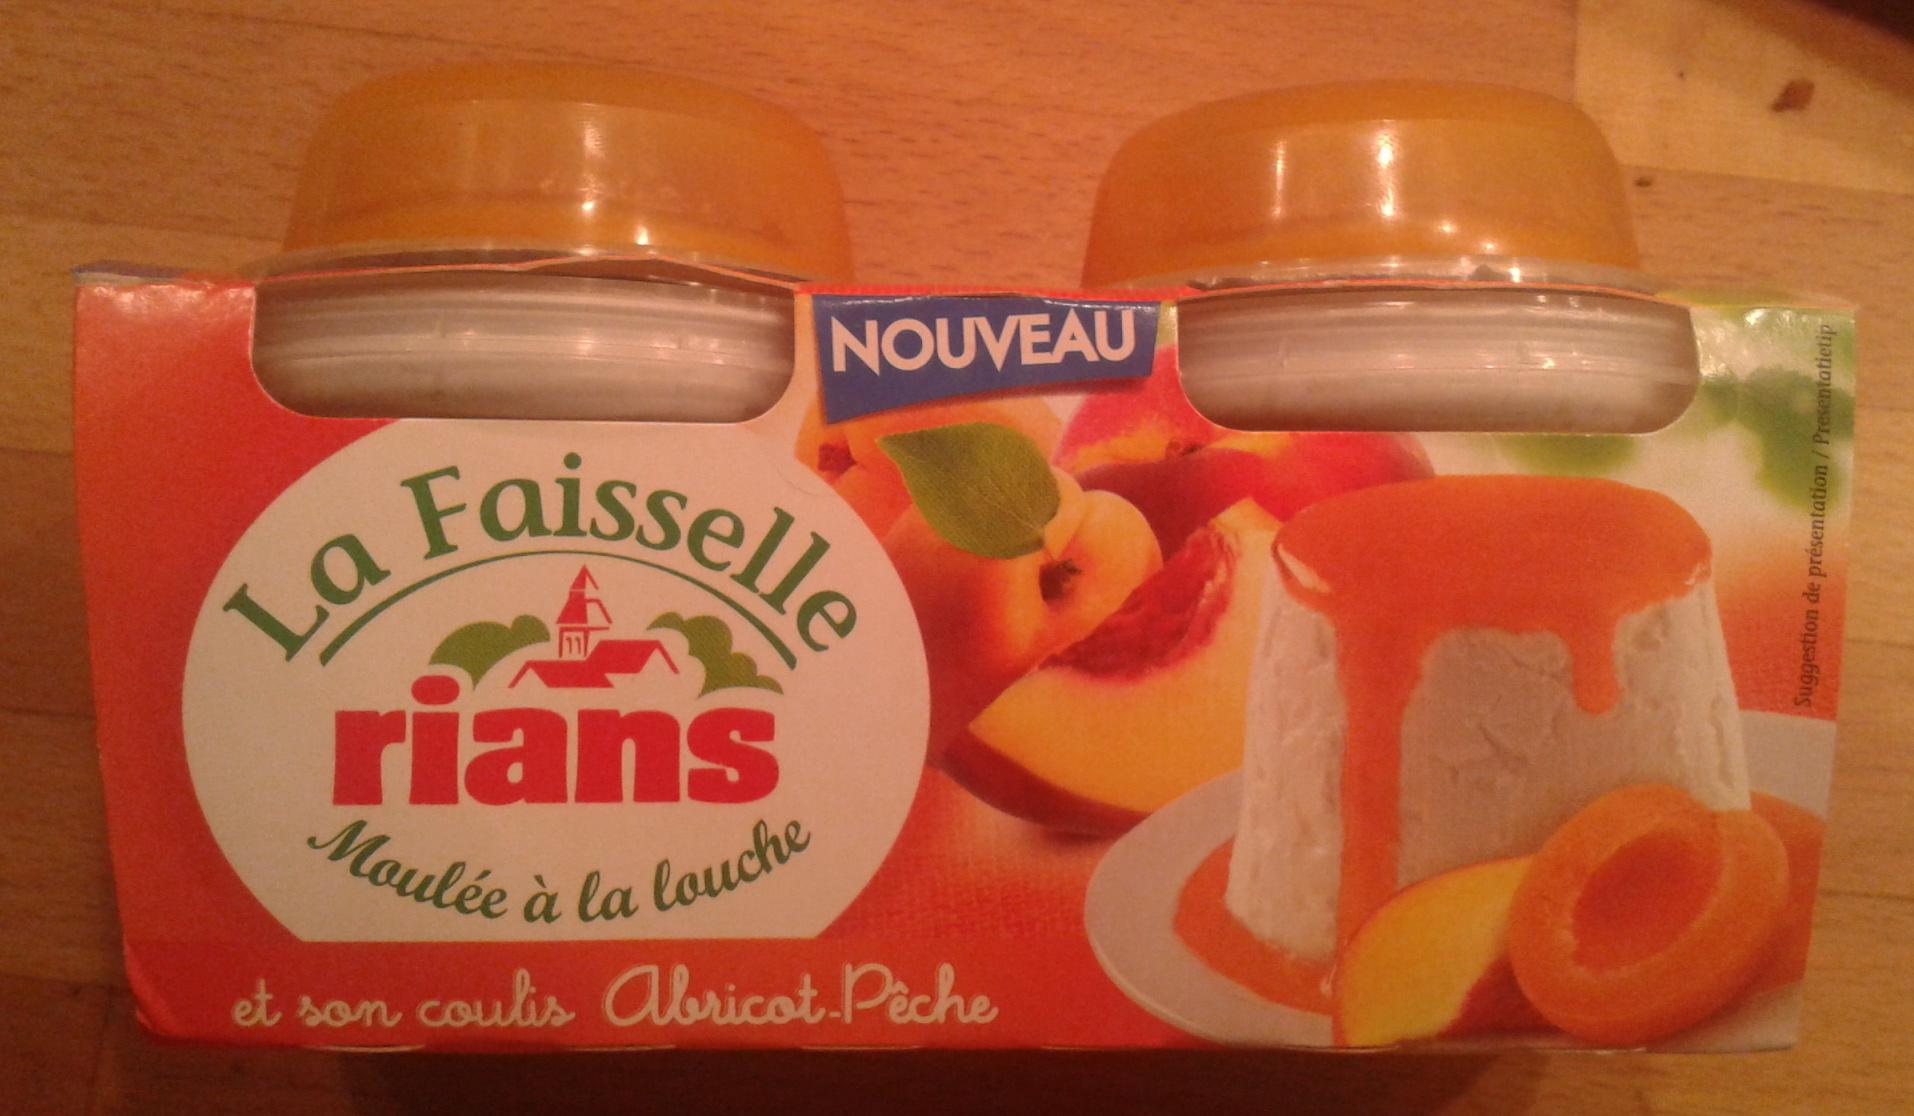 La Faisselle et son coulis Abricot-Pêche - Product - fr